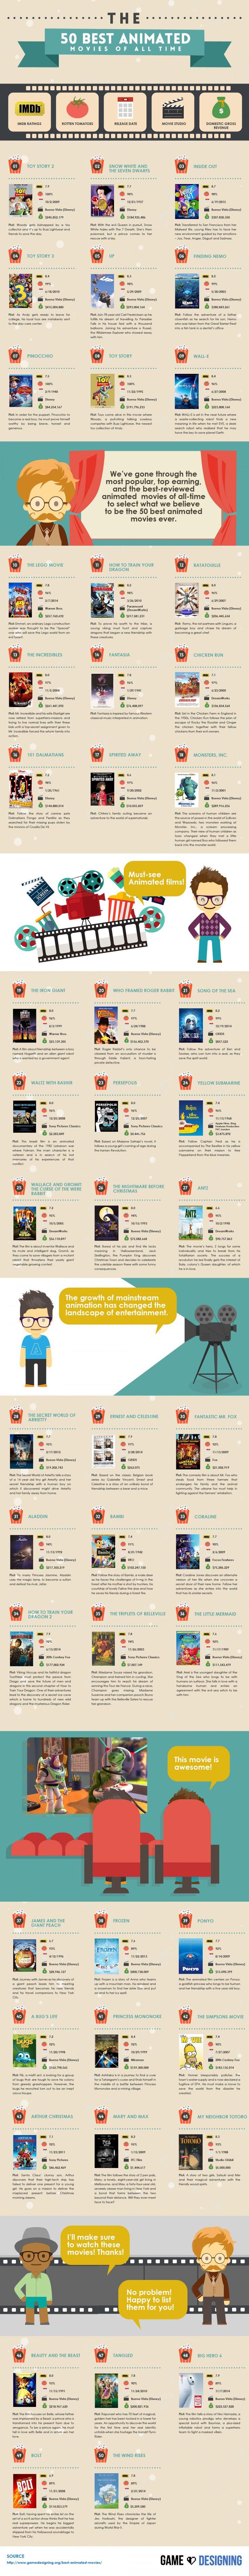 Las 50 mejores #películas #animadas de todos los tiempos